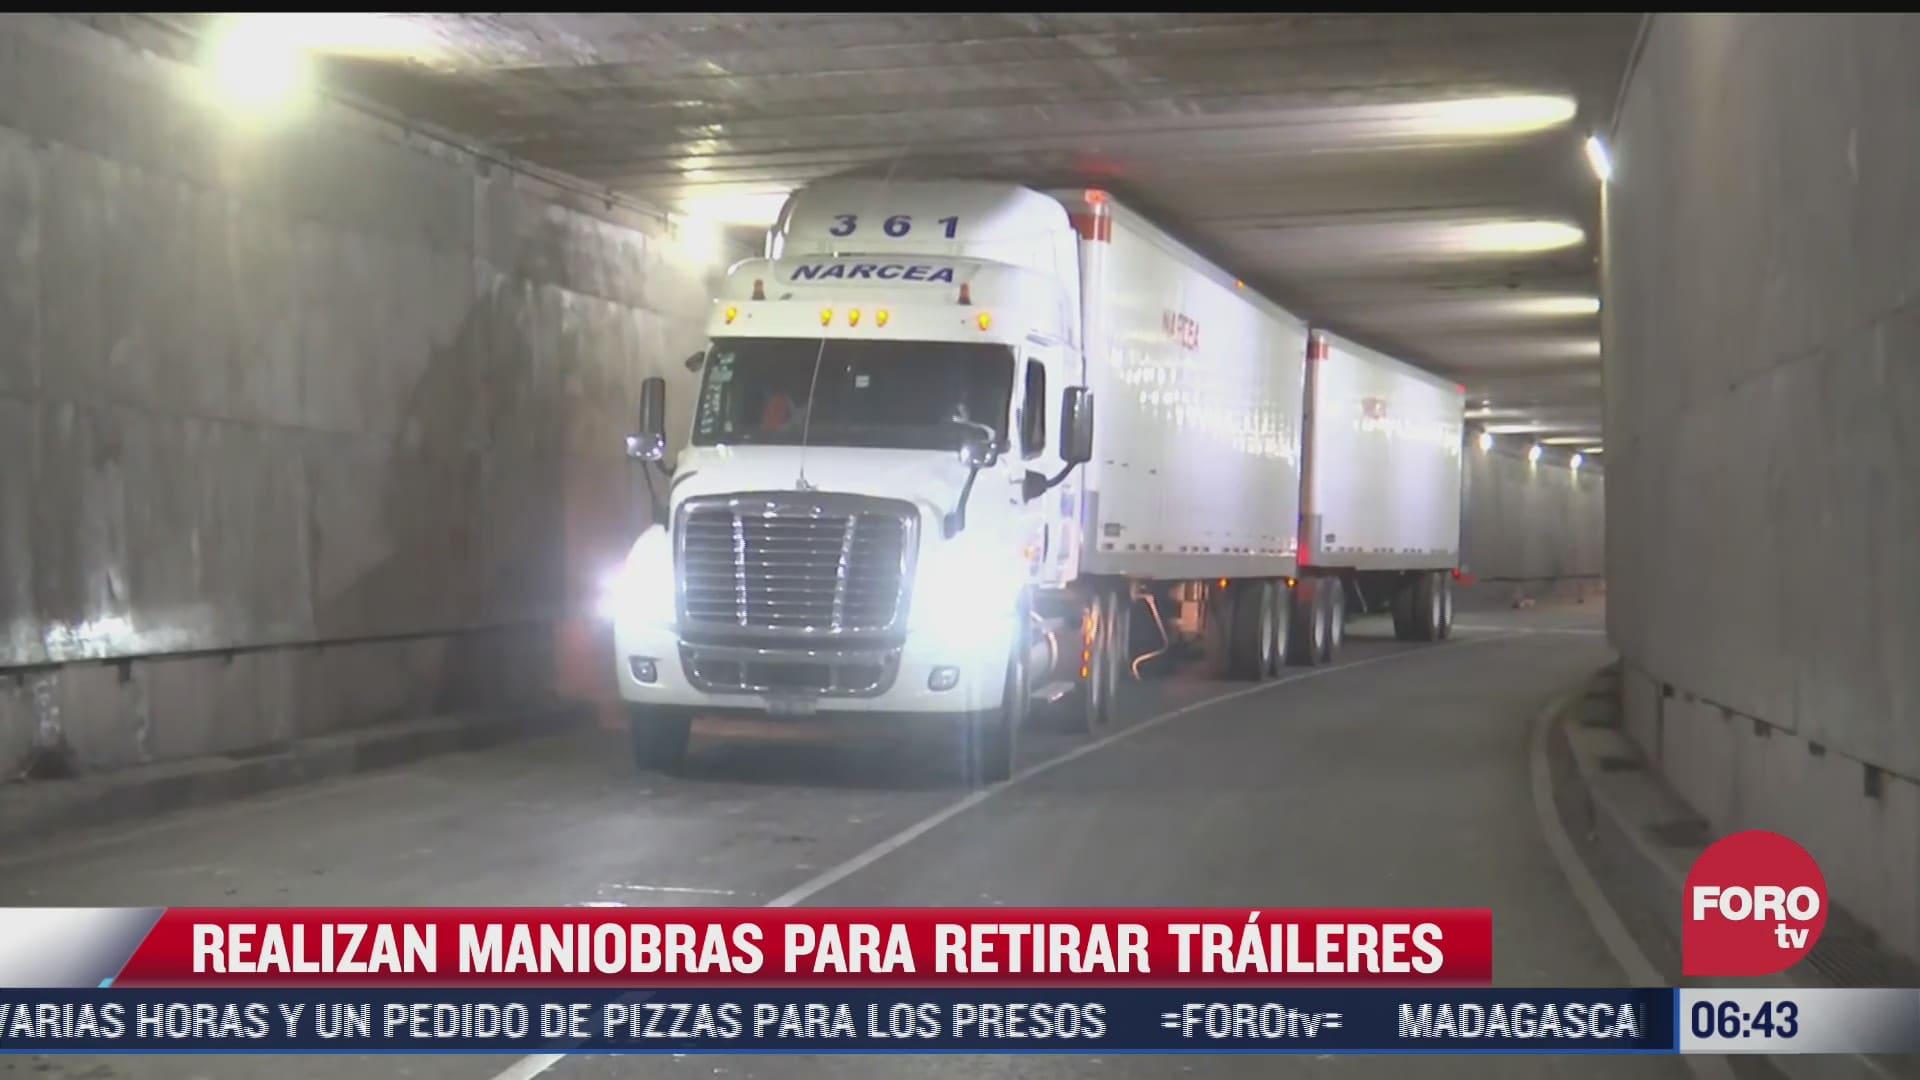 policias ayudan a liberar dos traileres atorados en bajo puente en cdmx